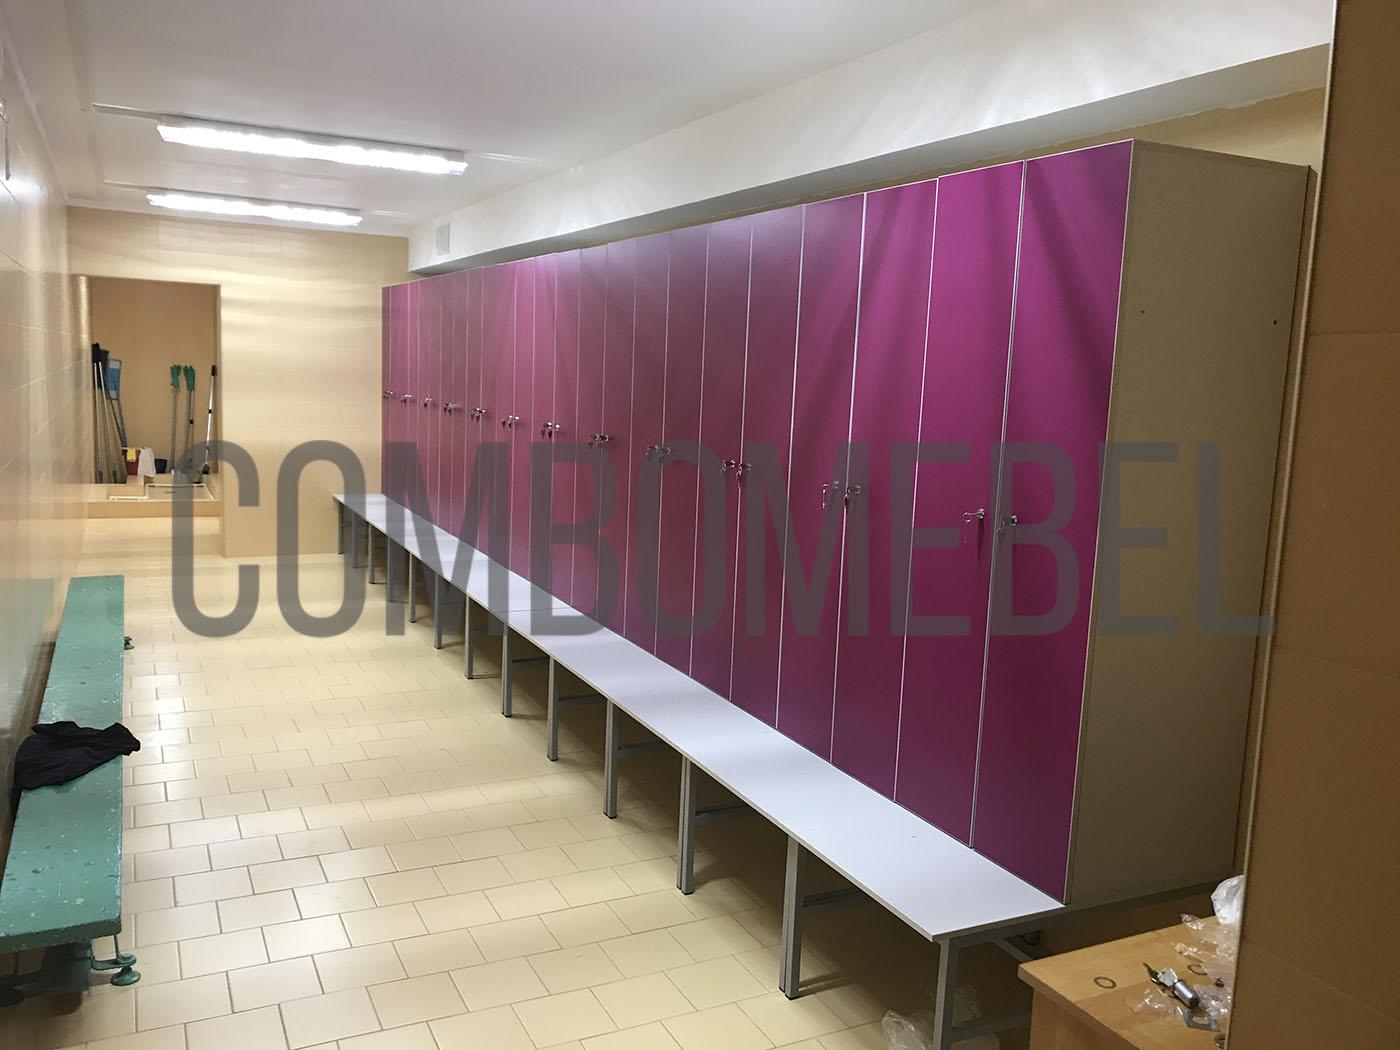 5200 руб. шкафчики Дуэт МК2 из ЛДСП и HPL пластиком для школы в Звездном городке по индивидуальному проекту